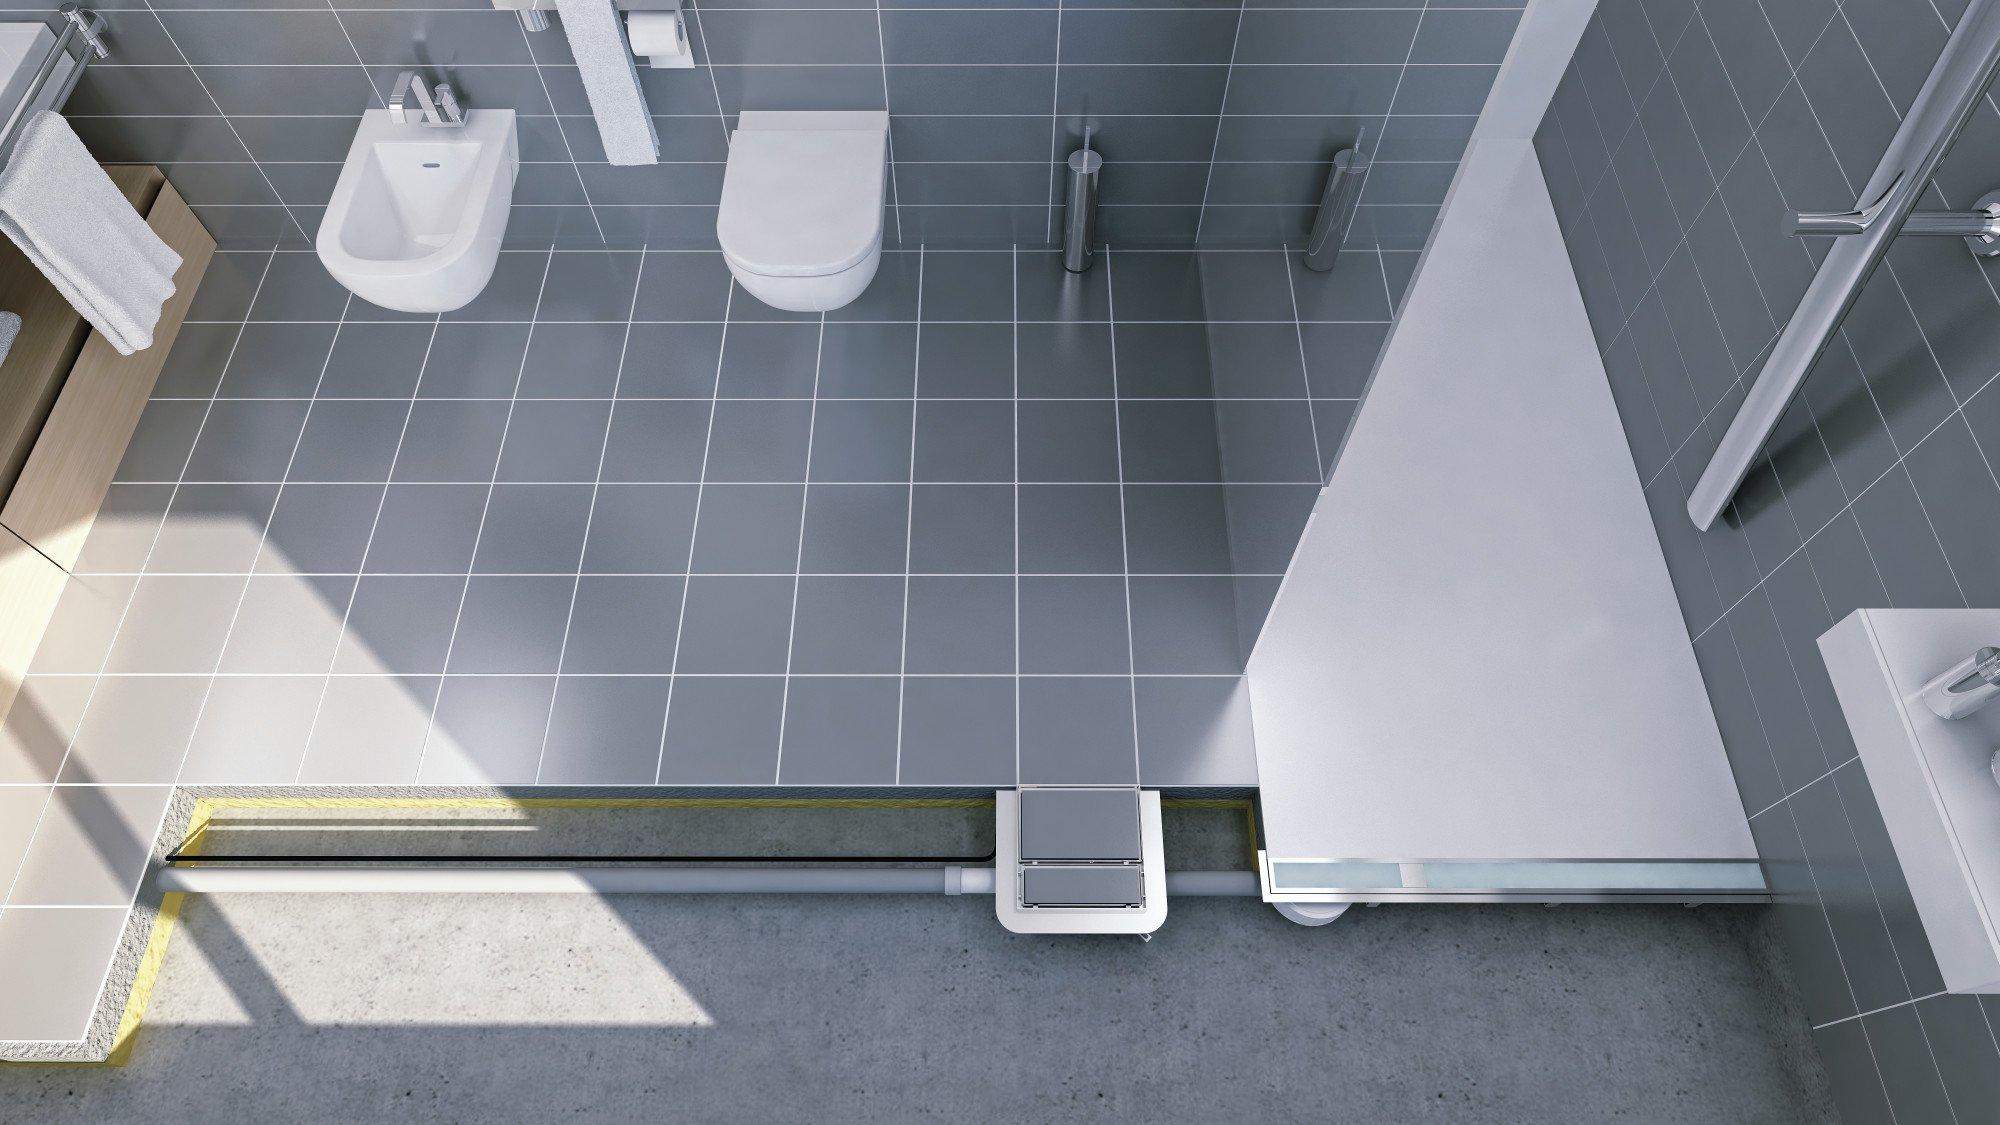 Full Size of Dusche Bodengleich Bodenablaufpumpe Fr Barrierefreie Duschen Im Bestand Bad Und Glaswand Glastrennwand Bodengleiche Nachträglich Einbauen Ebenerdige Fliesen Dusche Dusche Bodengleich